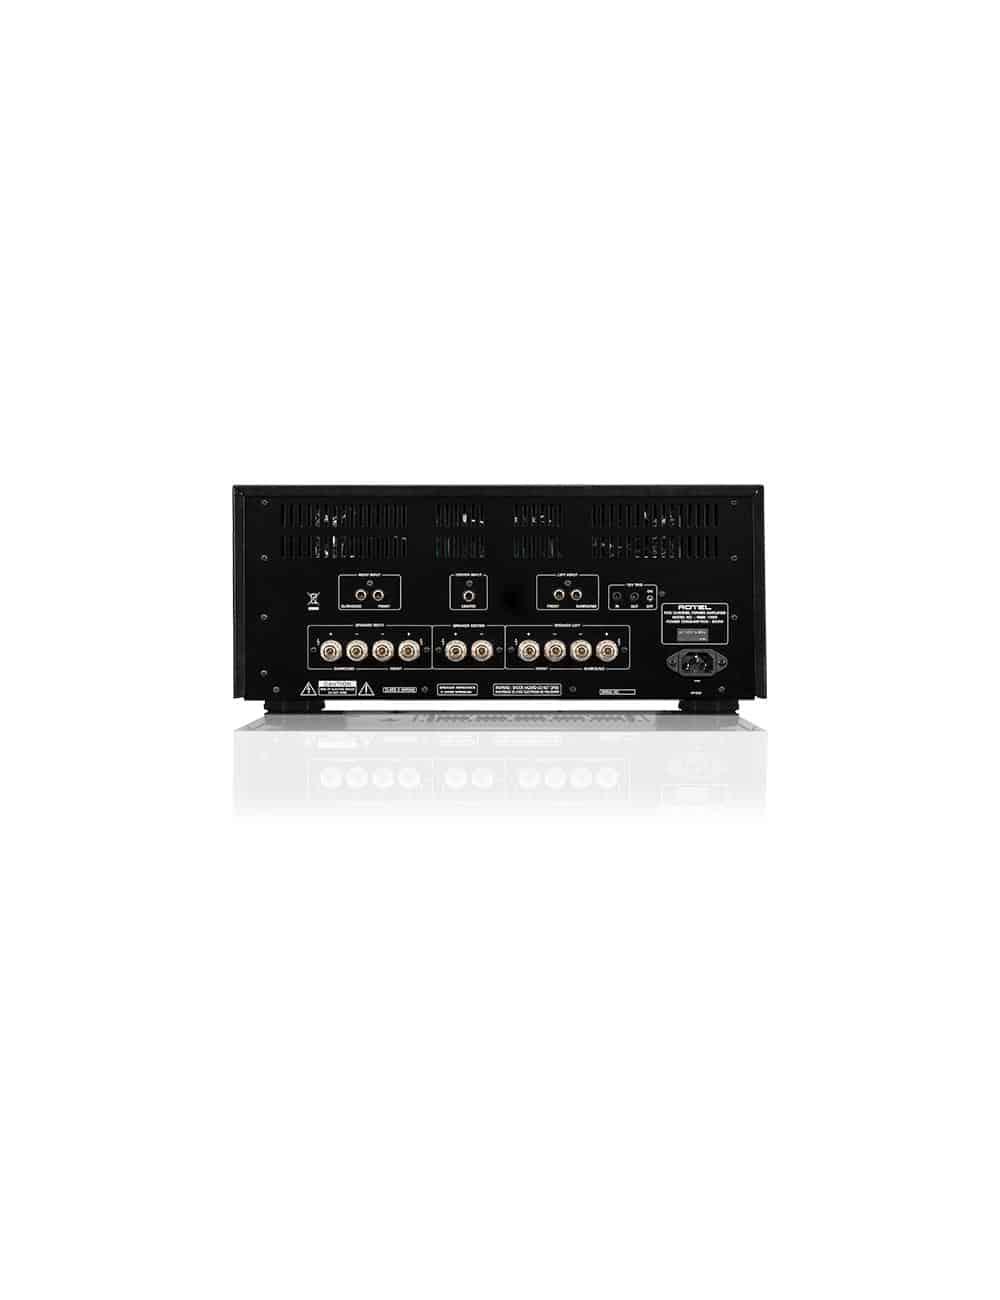 amplificatore di potenza multicanale per Home Cinema, cinque canali, Rotel RMB 1555, pannello connessioni